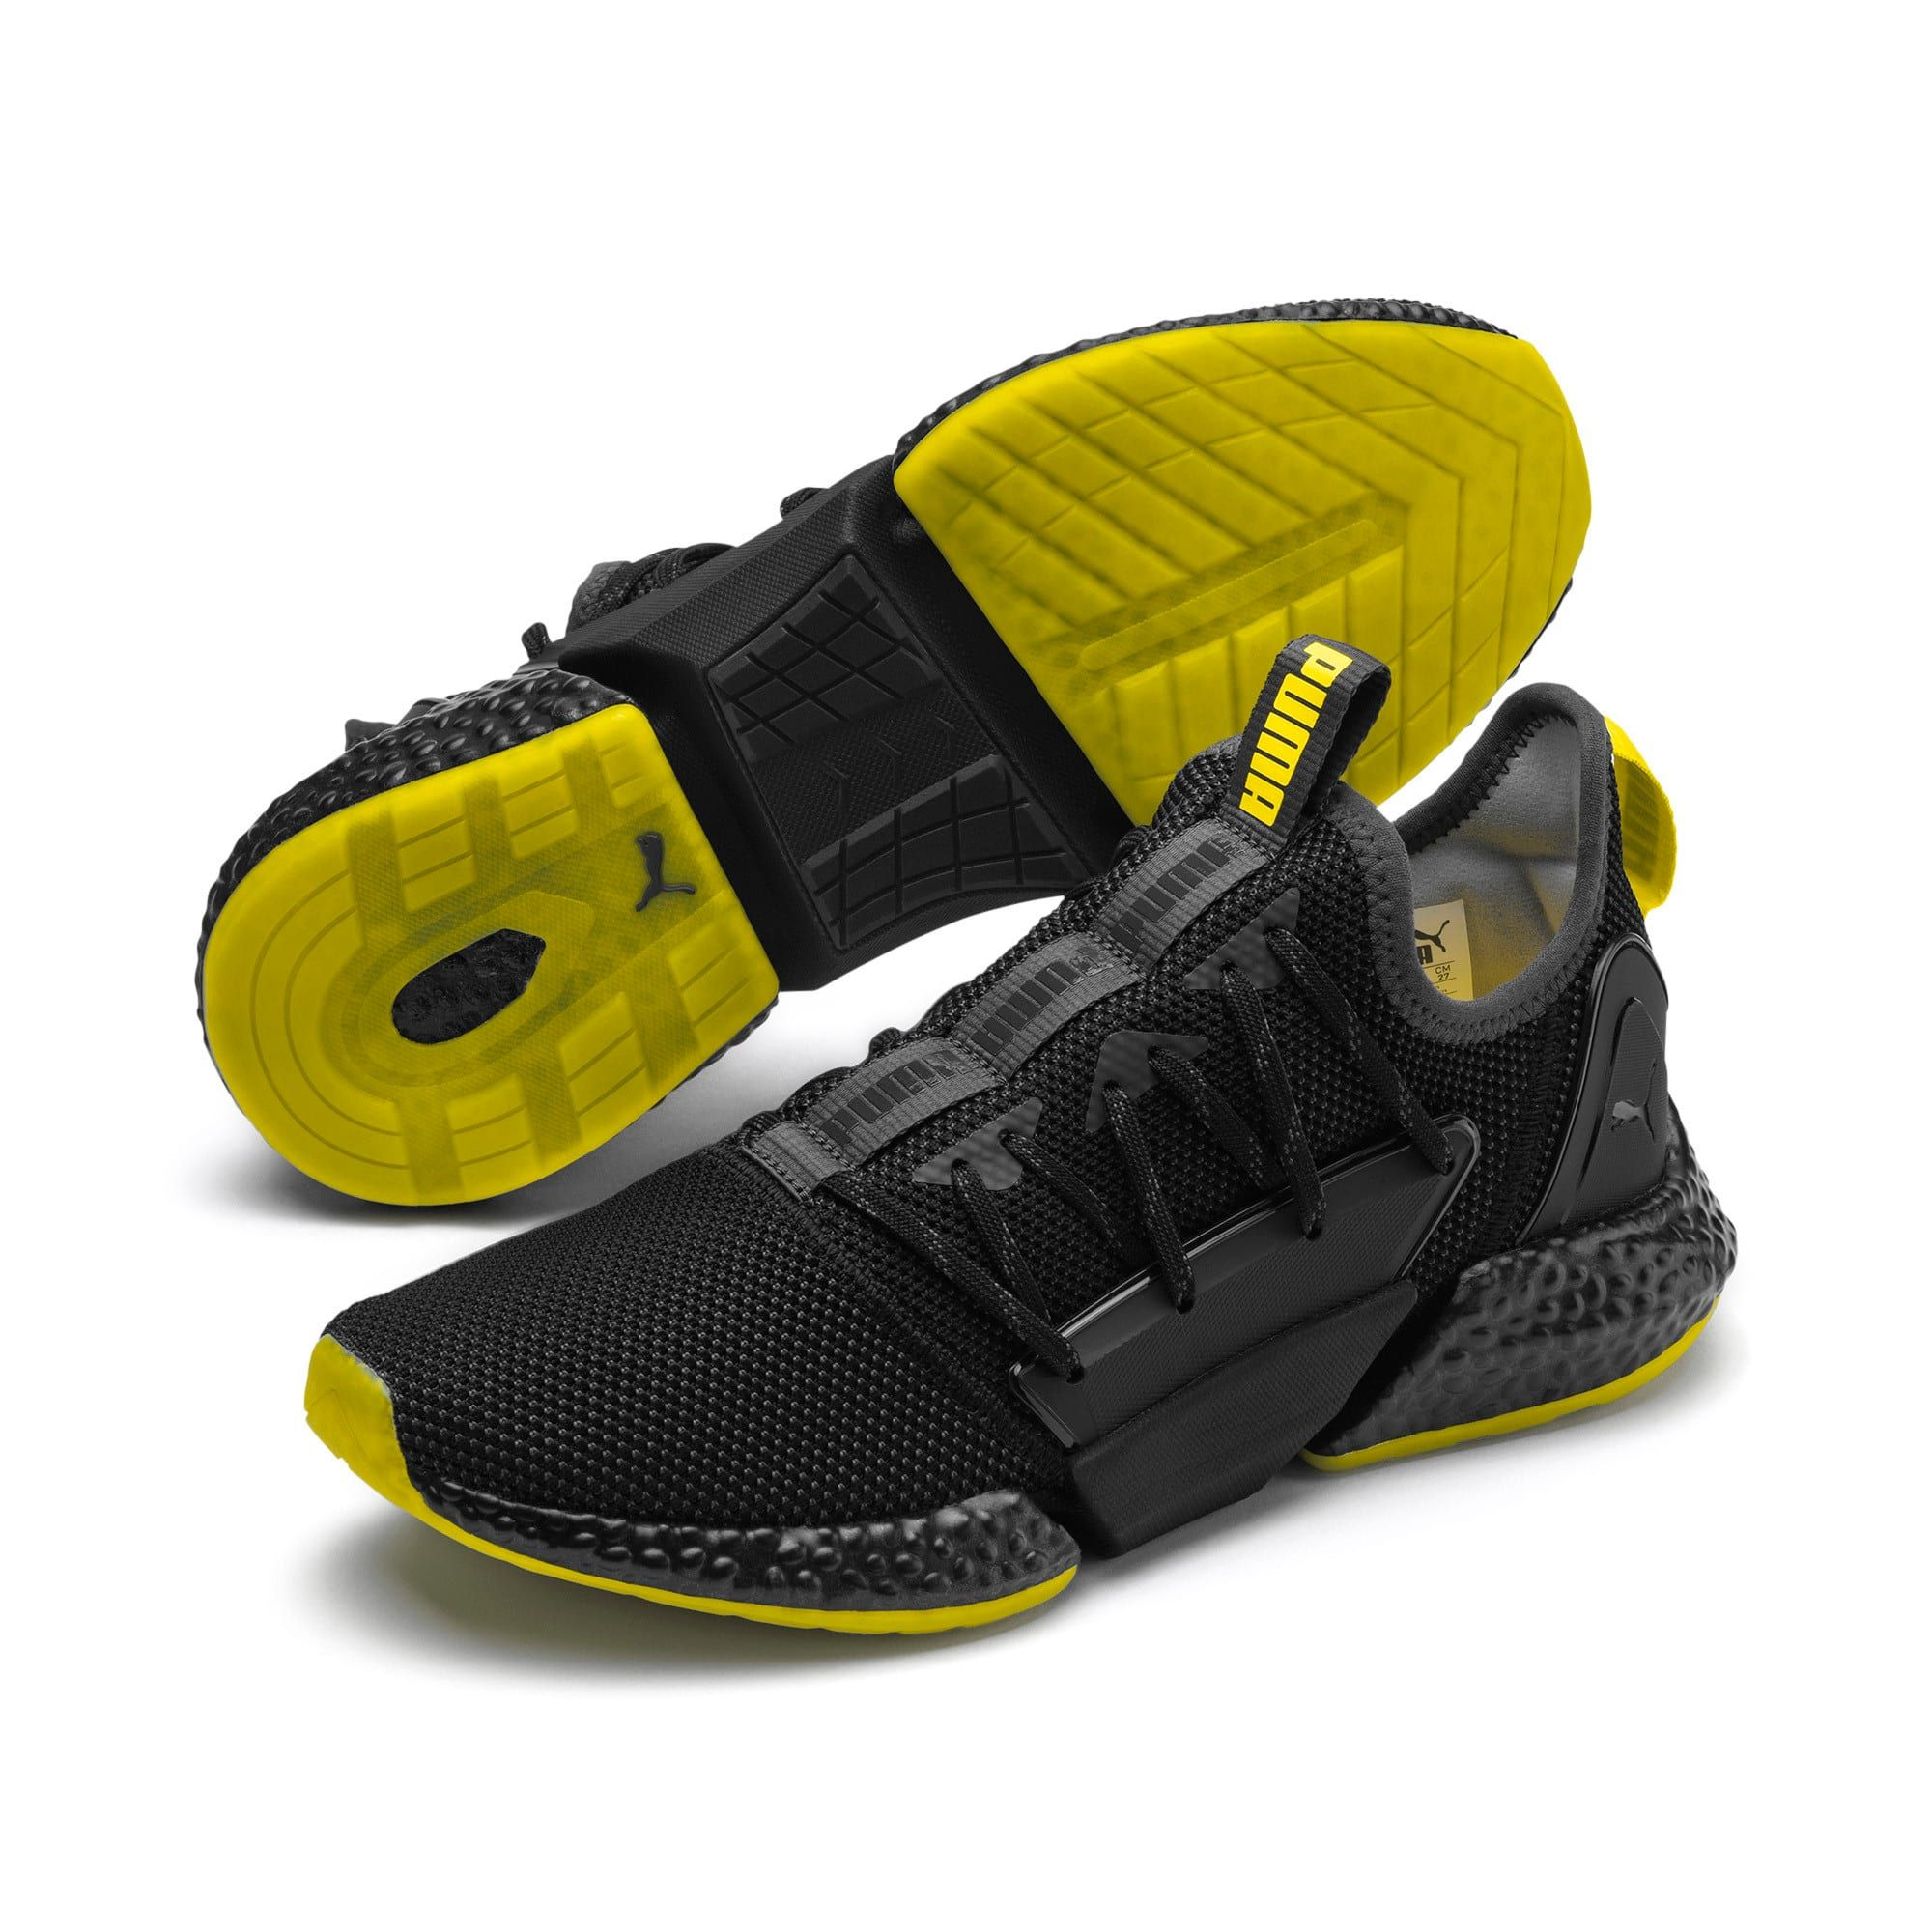 PUMA HYBRID Rocket Runner Men's Running Shoes Men Shoe Running